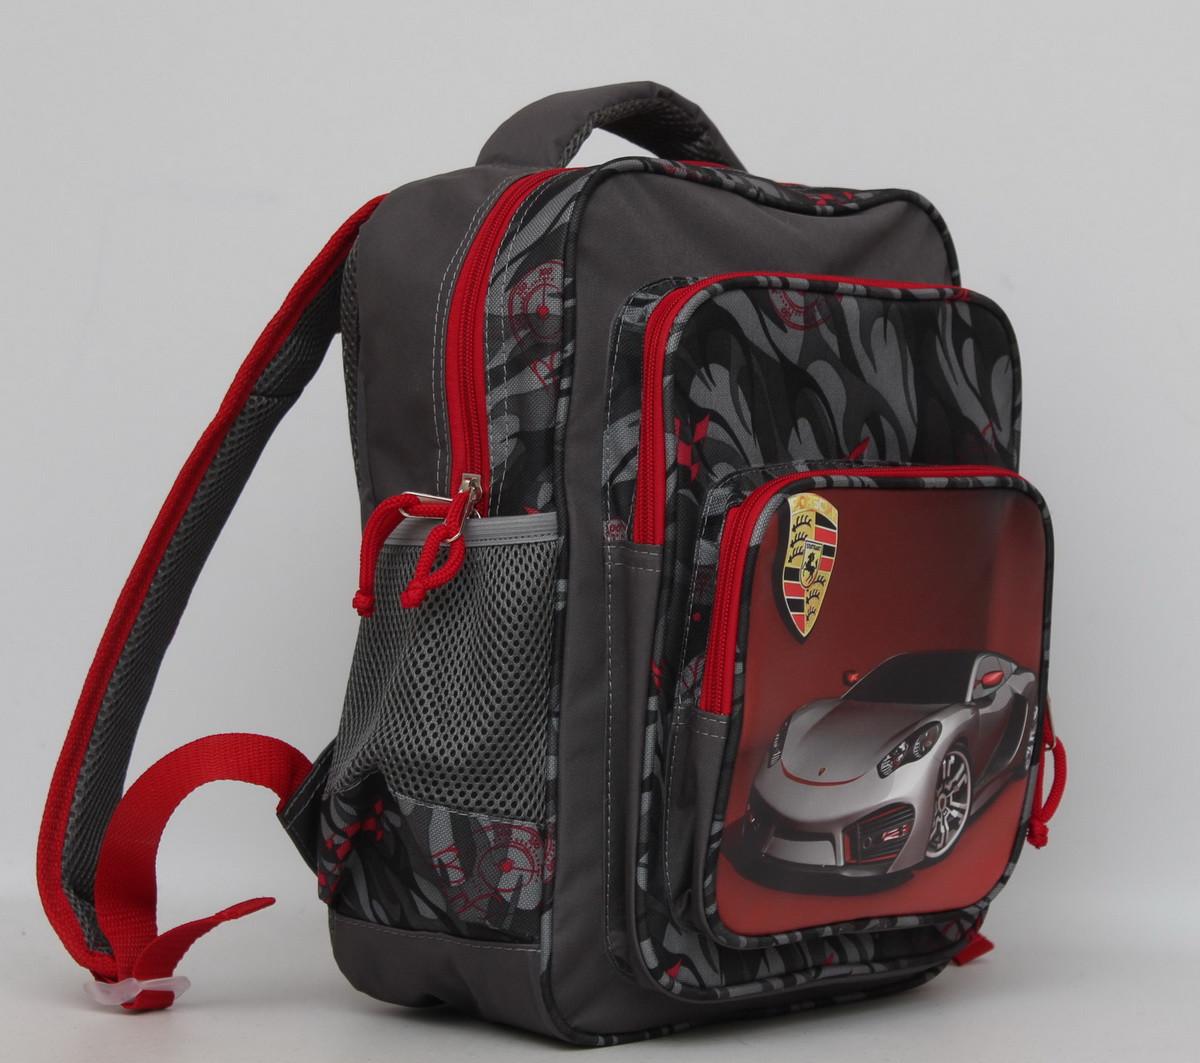 Ортопедичний рюкзак для хлопчика какой вес выдерживает рюкзак deuter